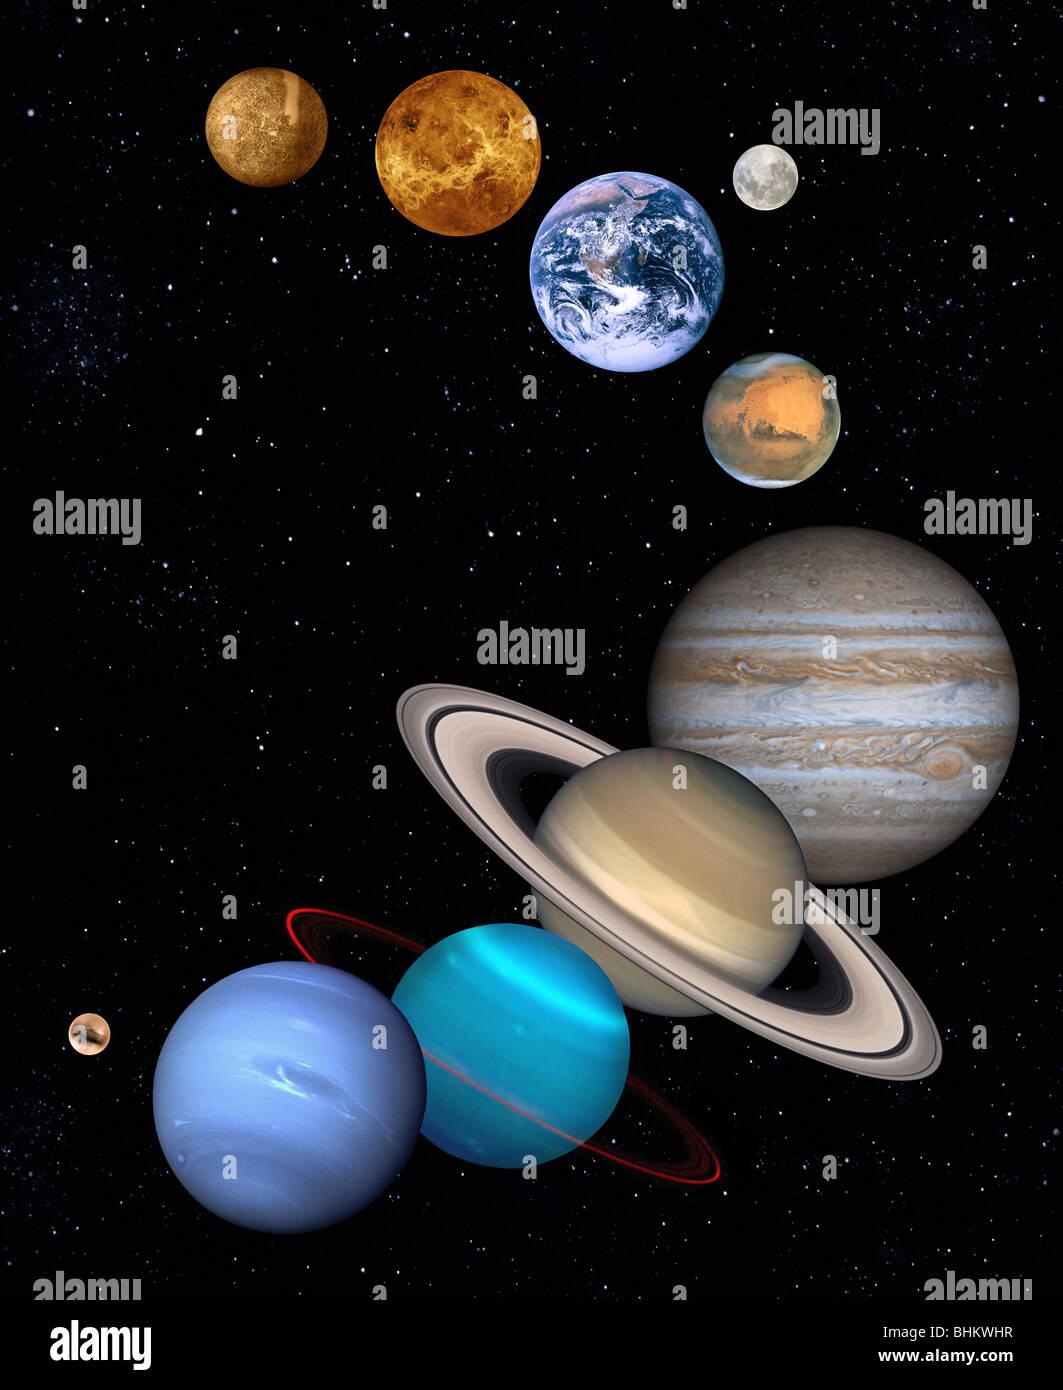 Gemütlich Sonnensystem Malvorlagen Zum Ausdrucken Bilder - Beispiel ...